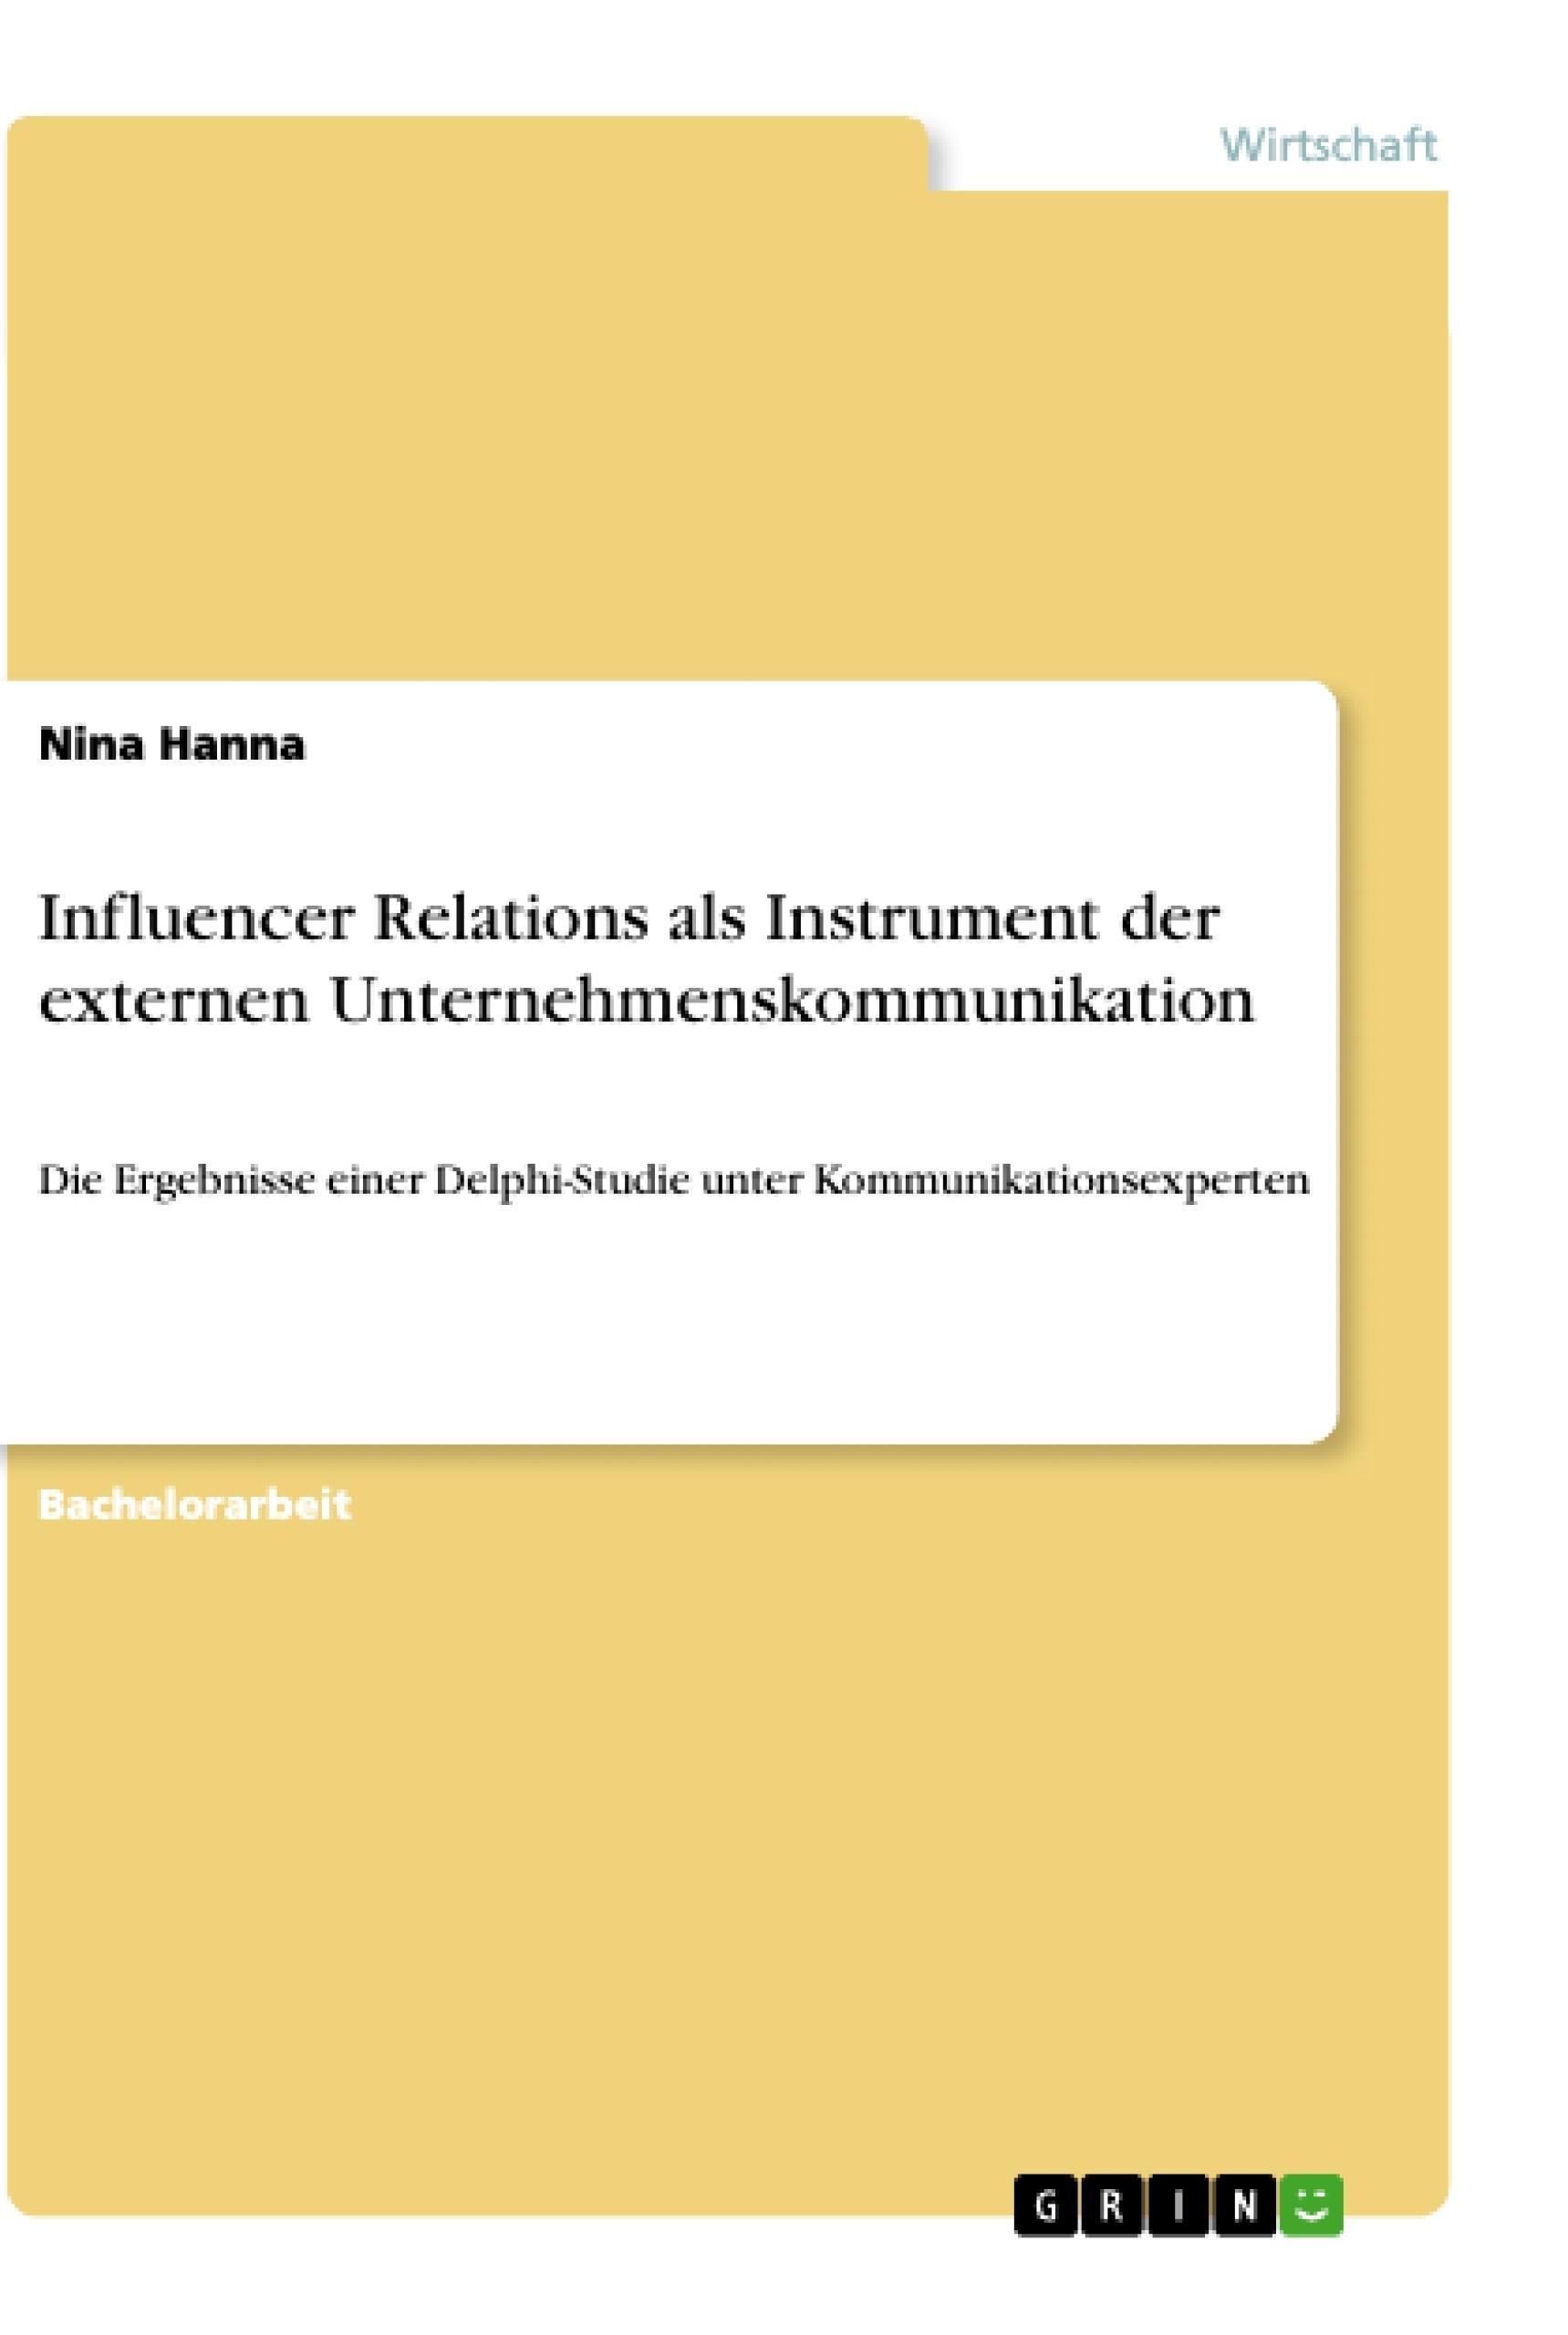 Titel: Influencer Relations als Instrument der externen Unternehmenskommunikation